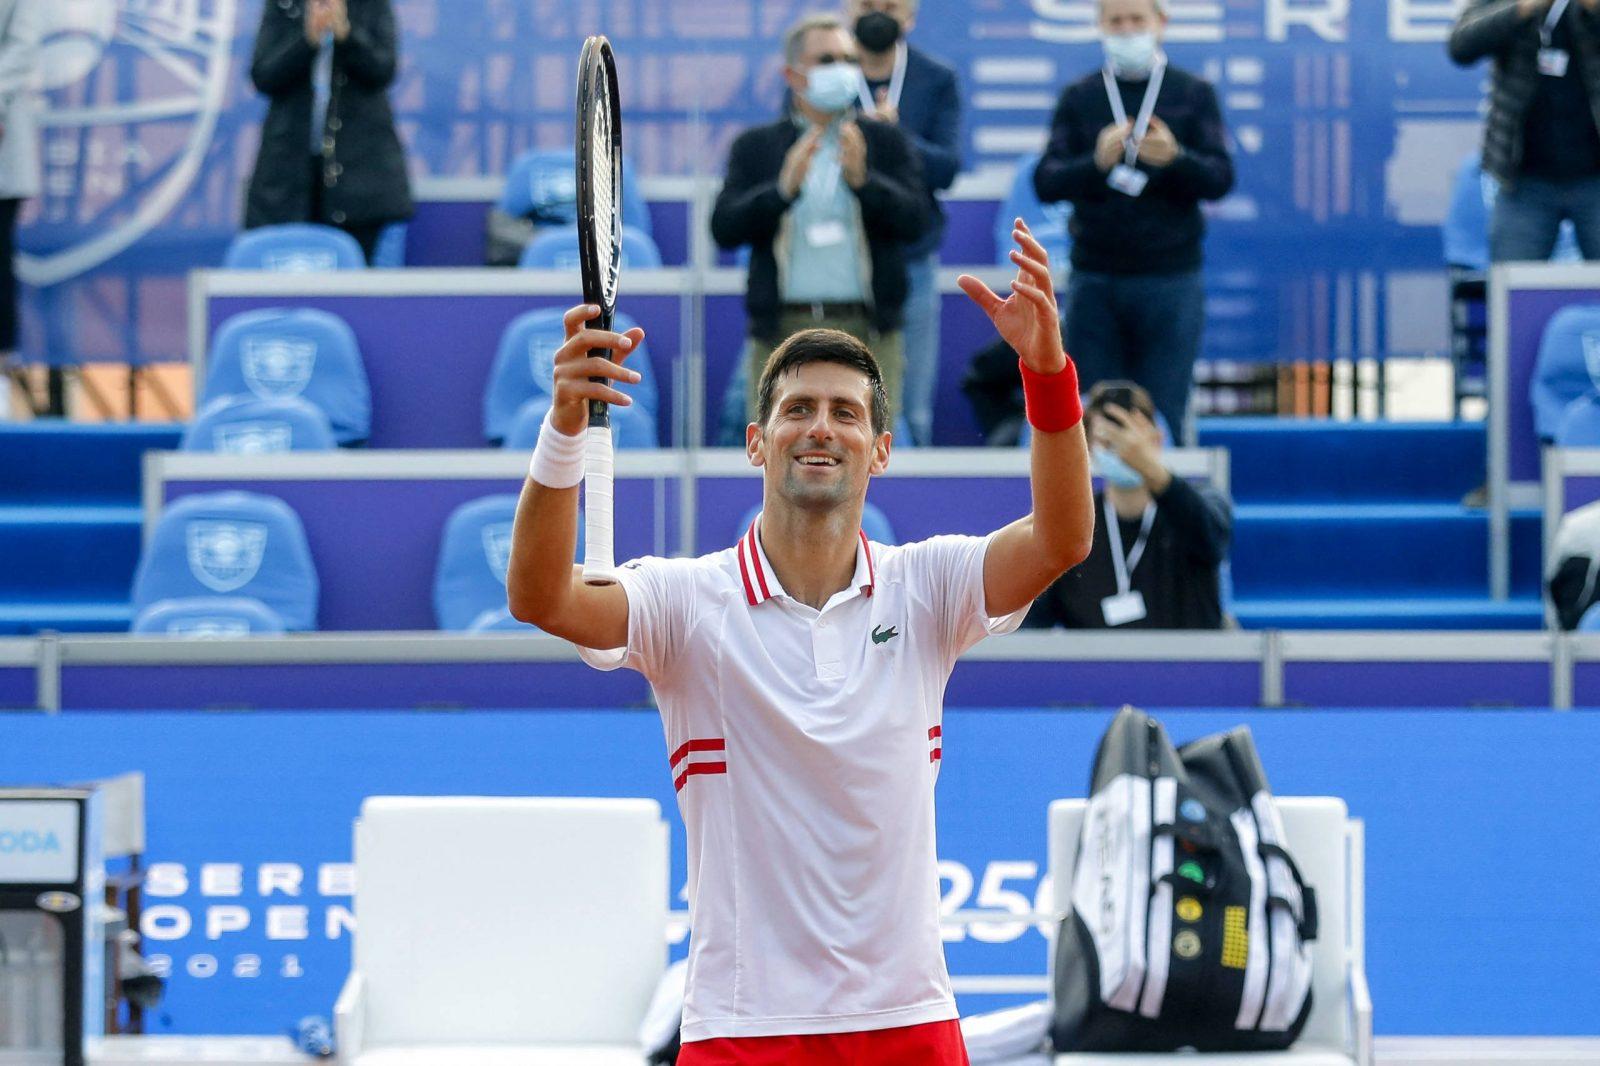 Novak Djokociv ao vivo ATP de BELGRADO